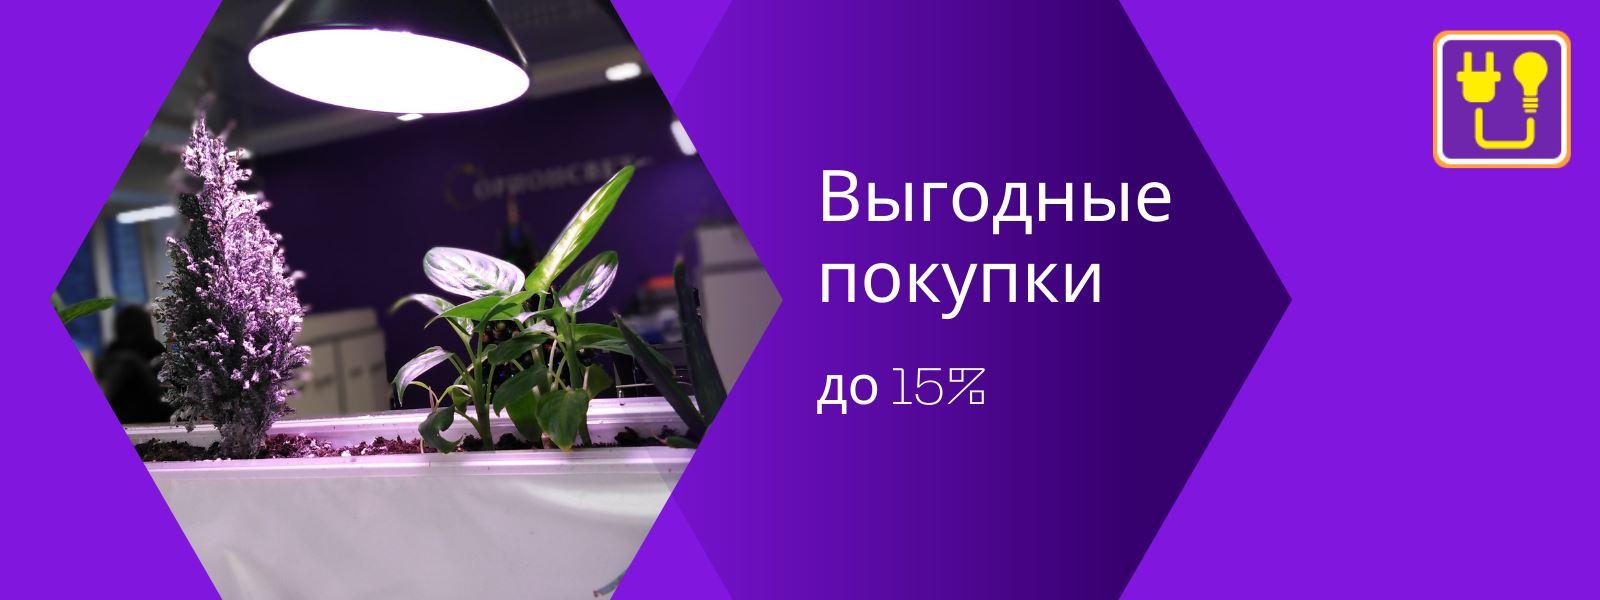 Выгодные покупки до 15%